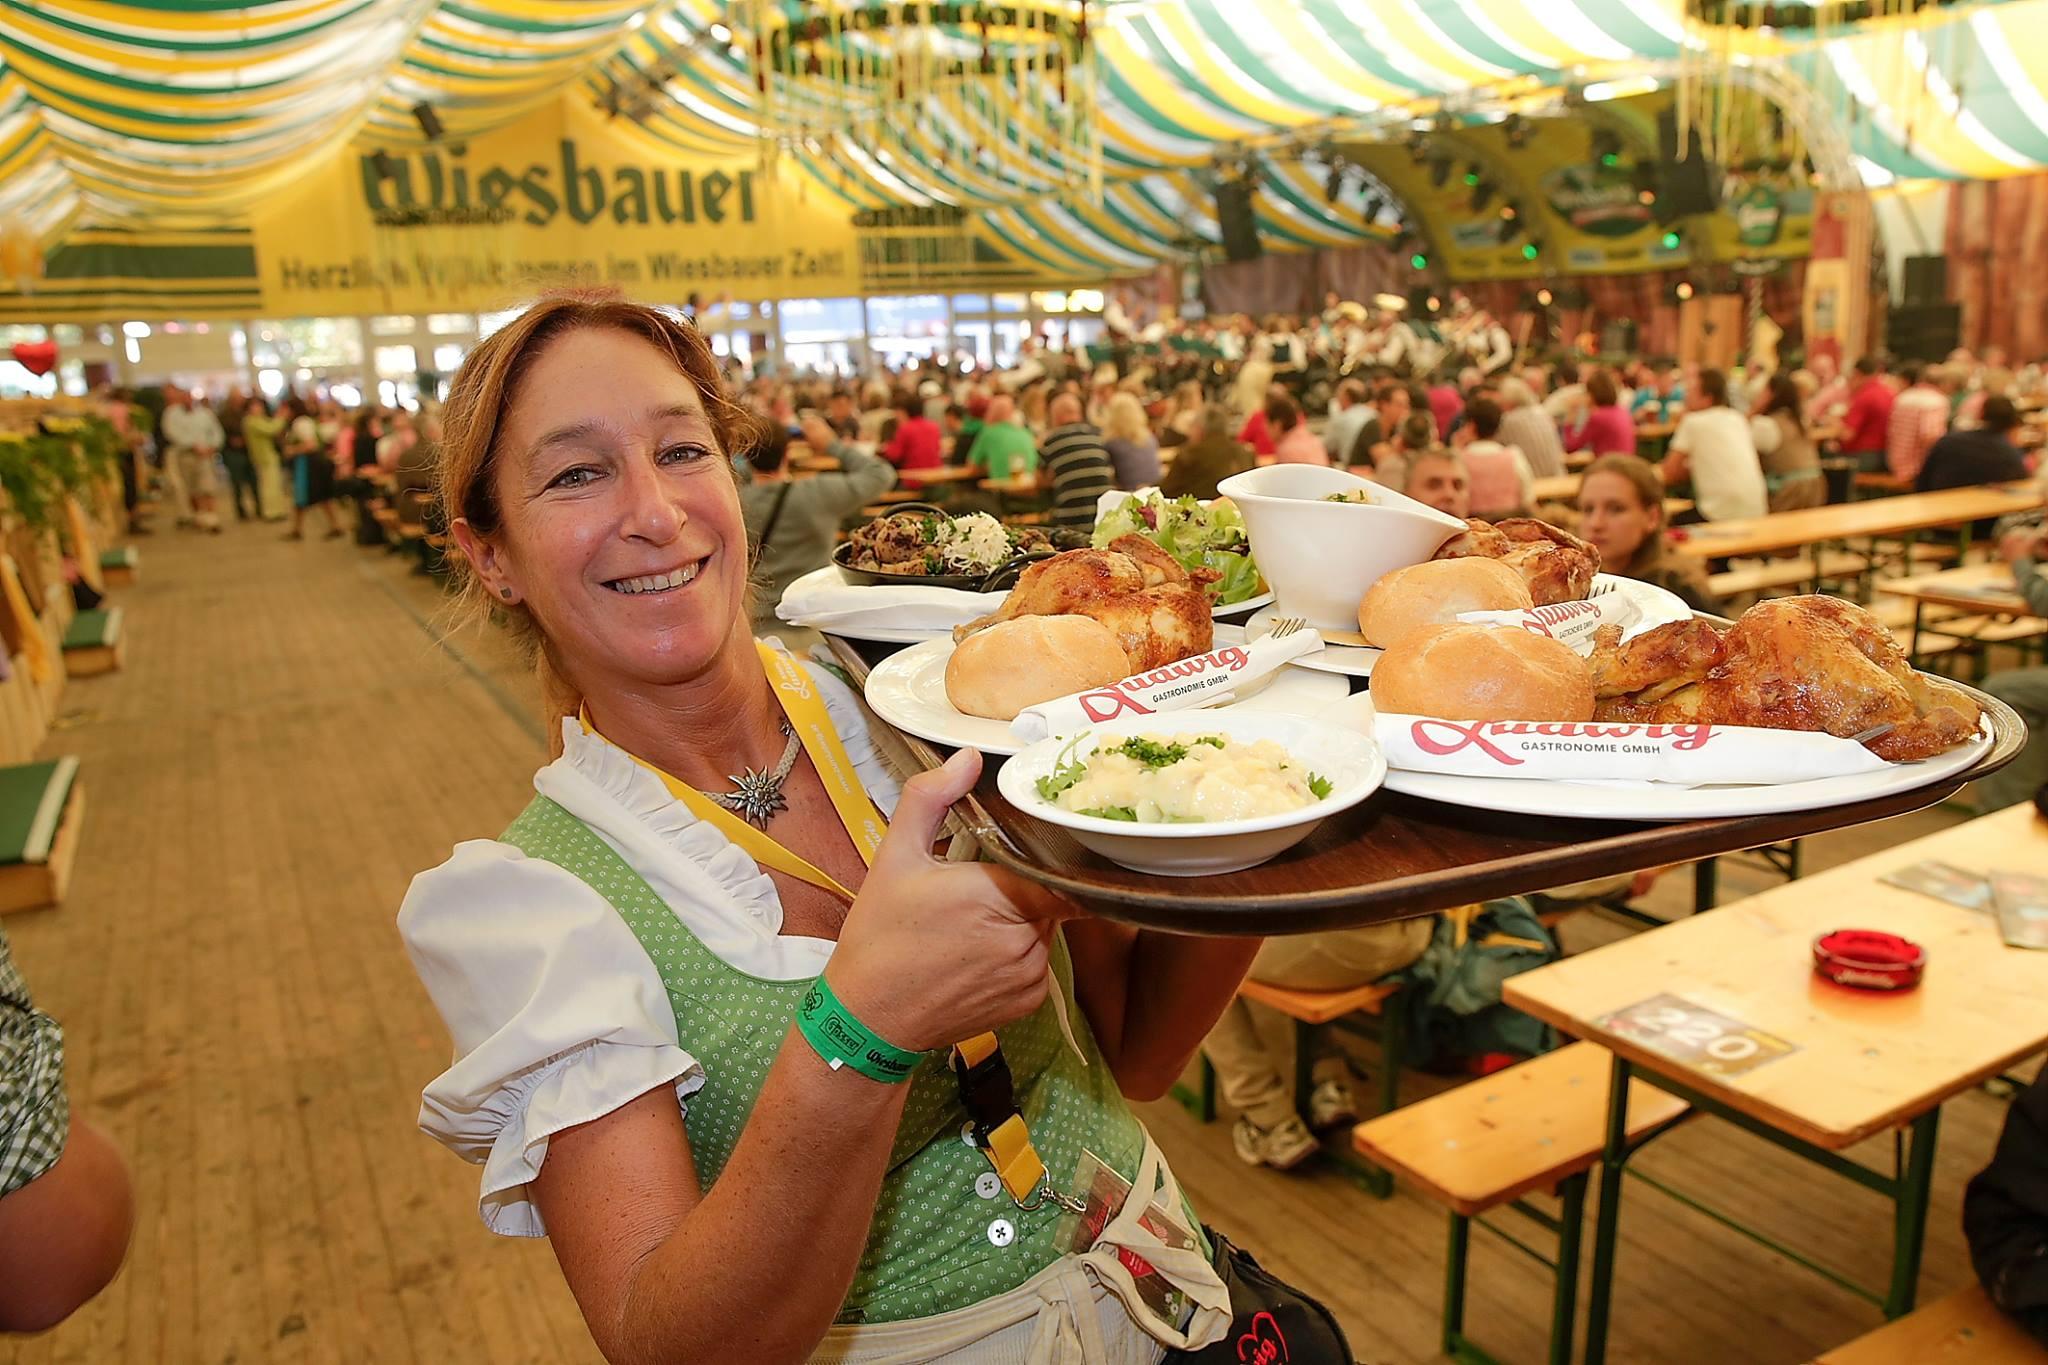 Foto: Facebook Wiener Wiesn Fest